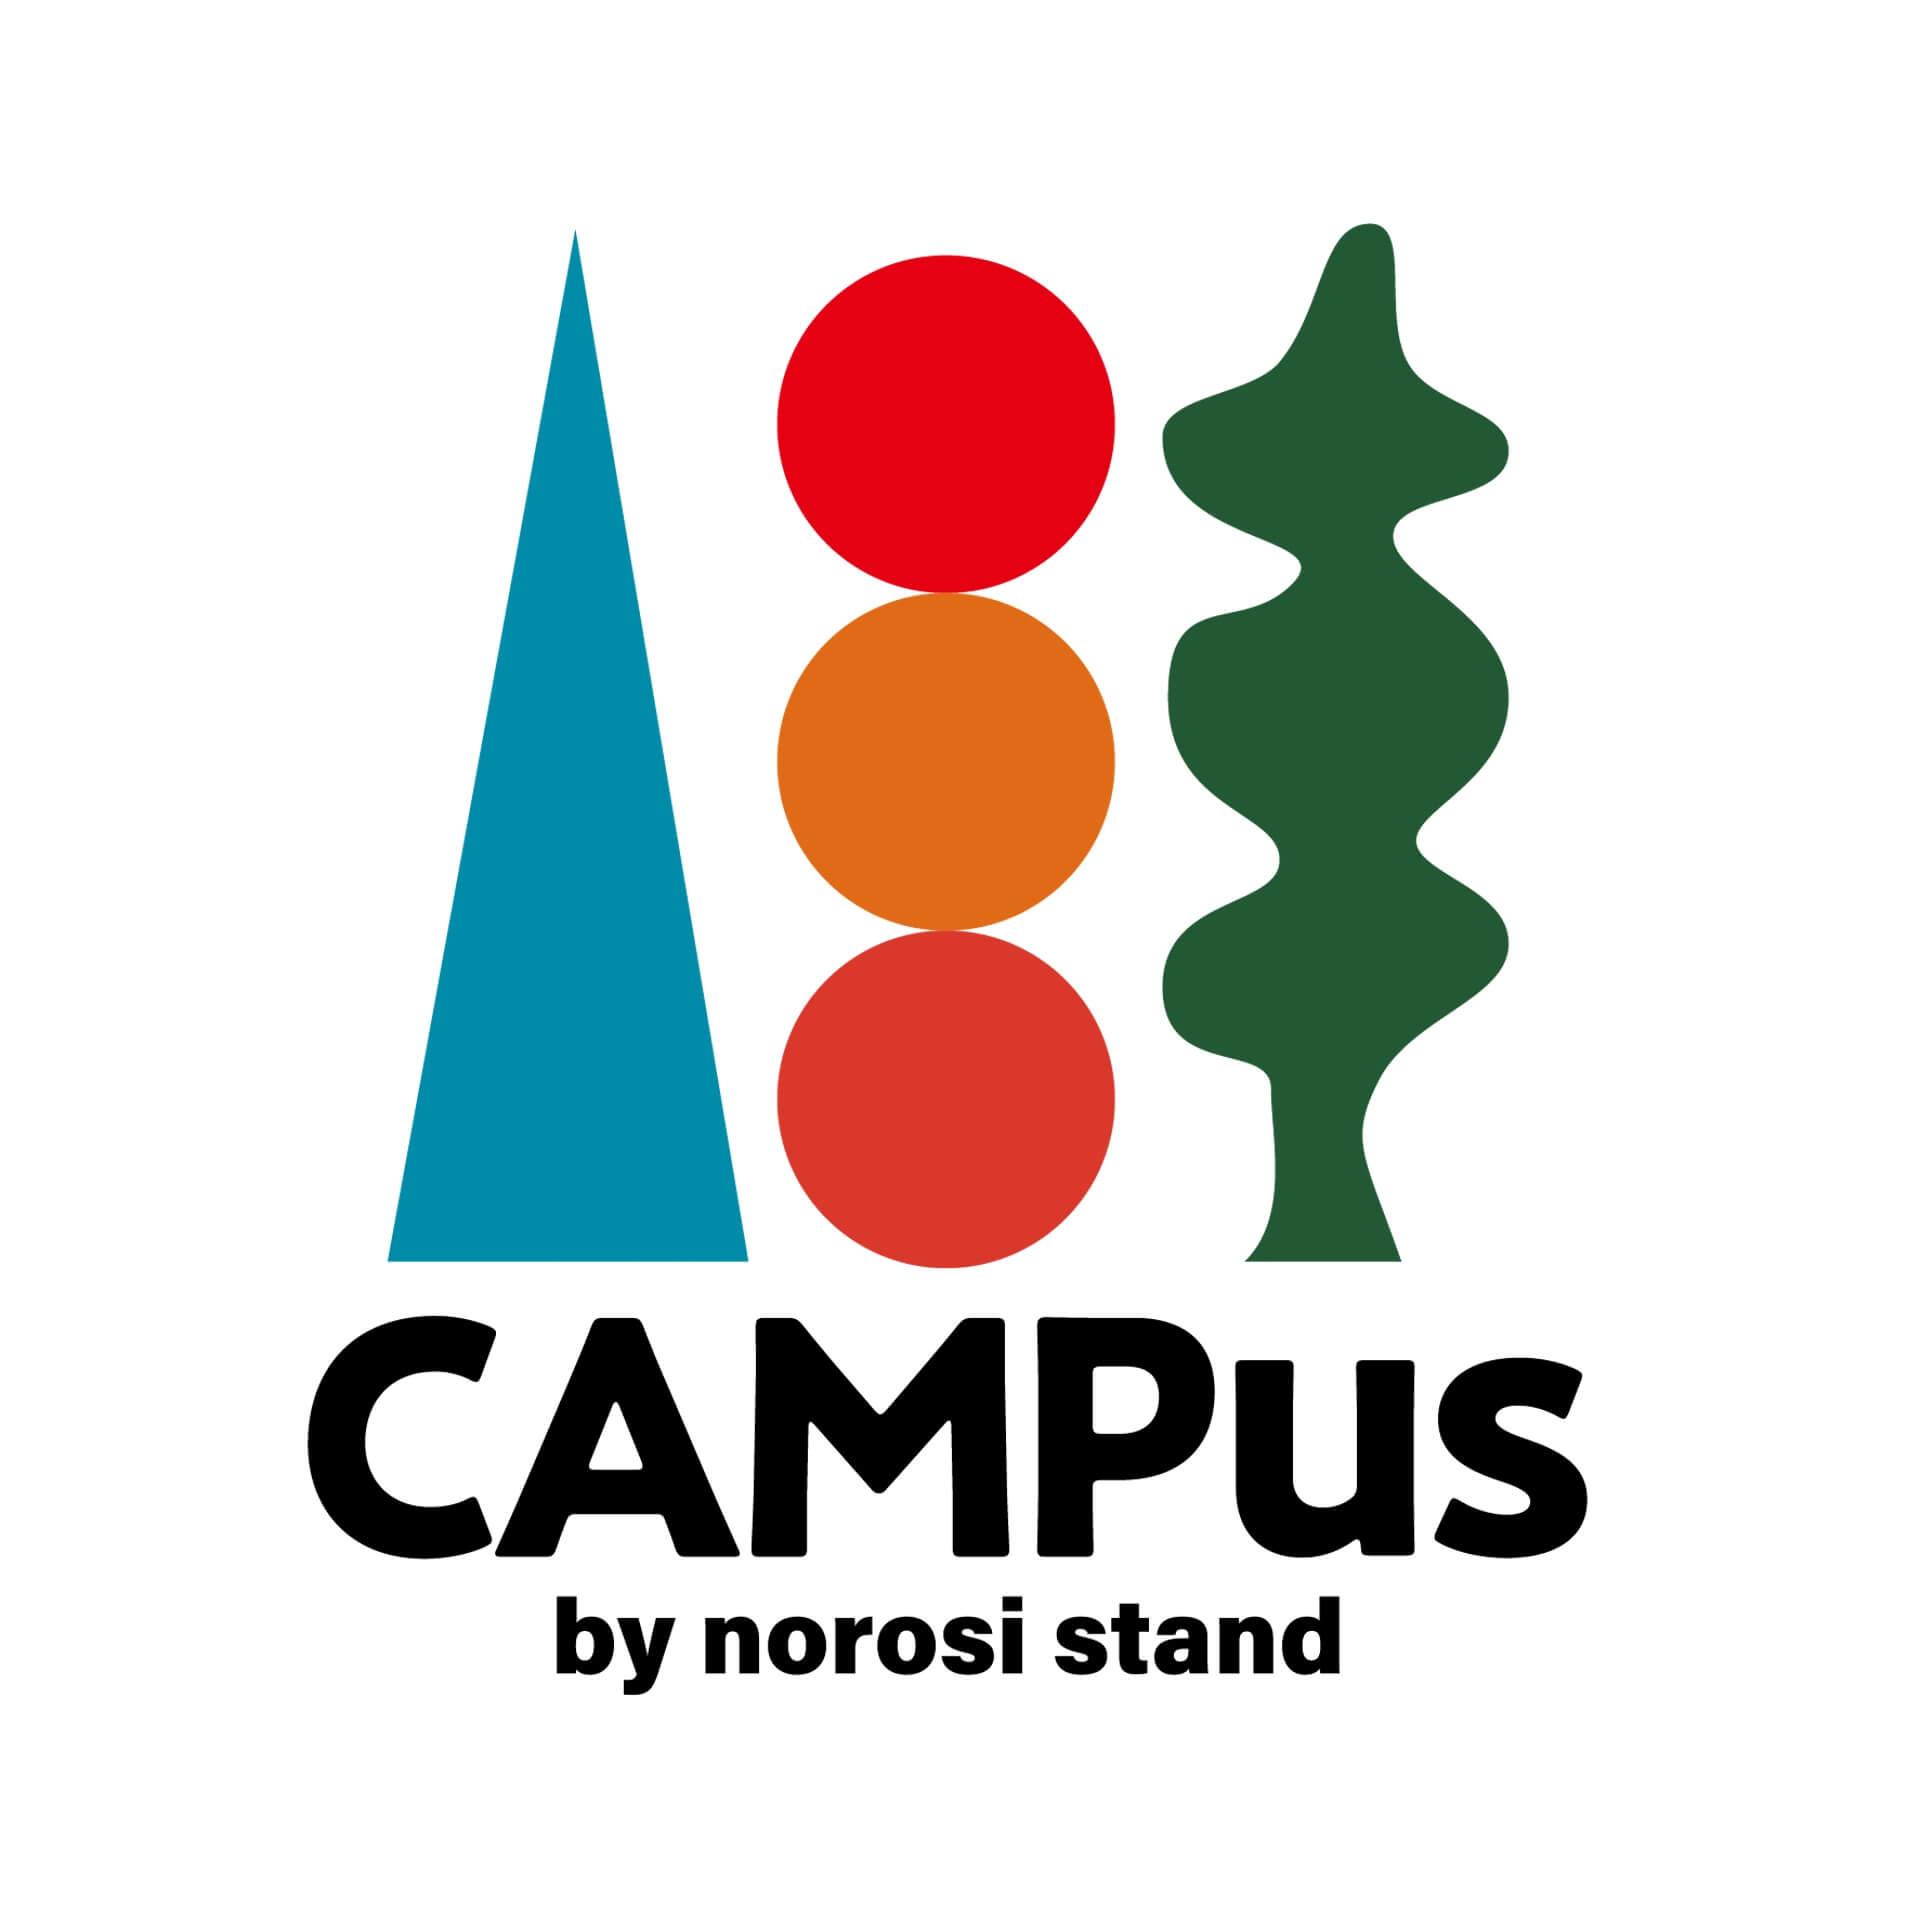 100組限定キャンプイベント<CAMPus>にキセルがライブアーティストとして登場!テントレンタルチケットも数量限定で販売中 ac200707_campus_lineup_01